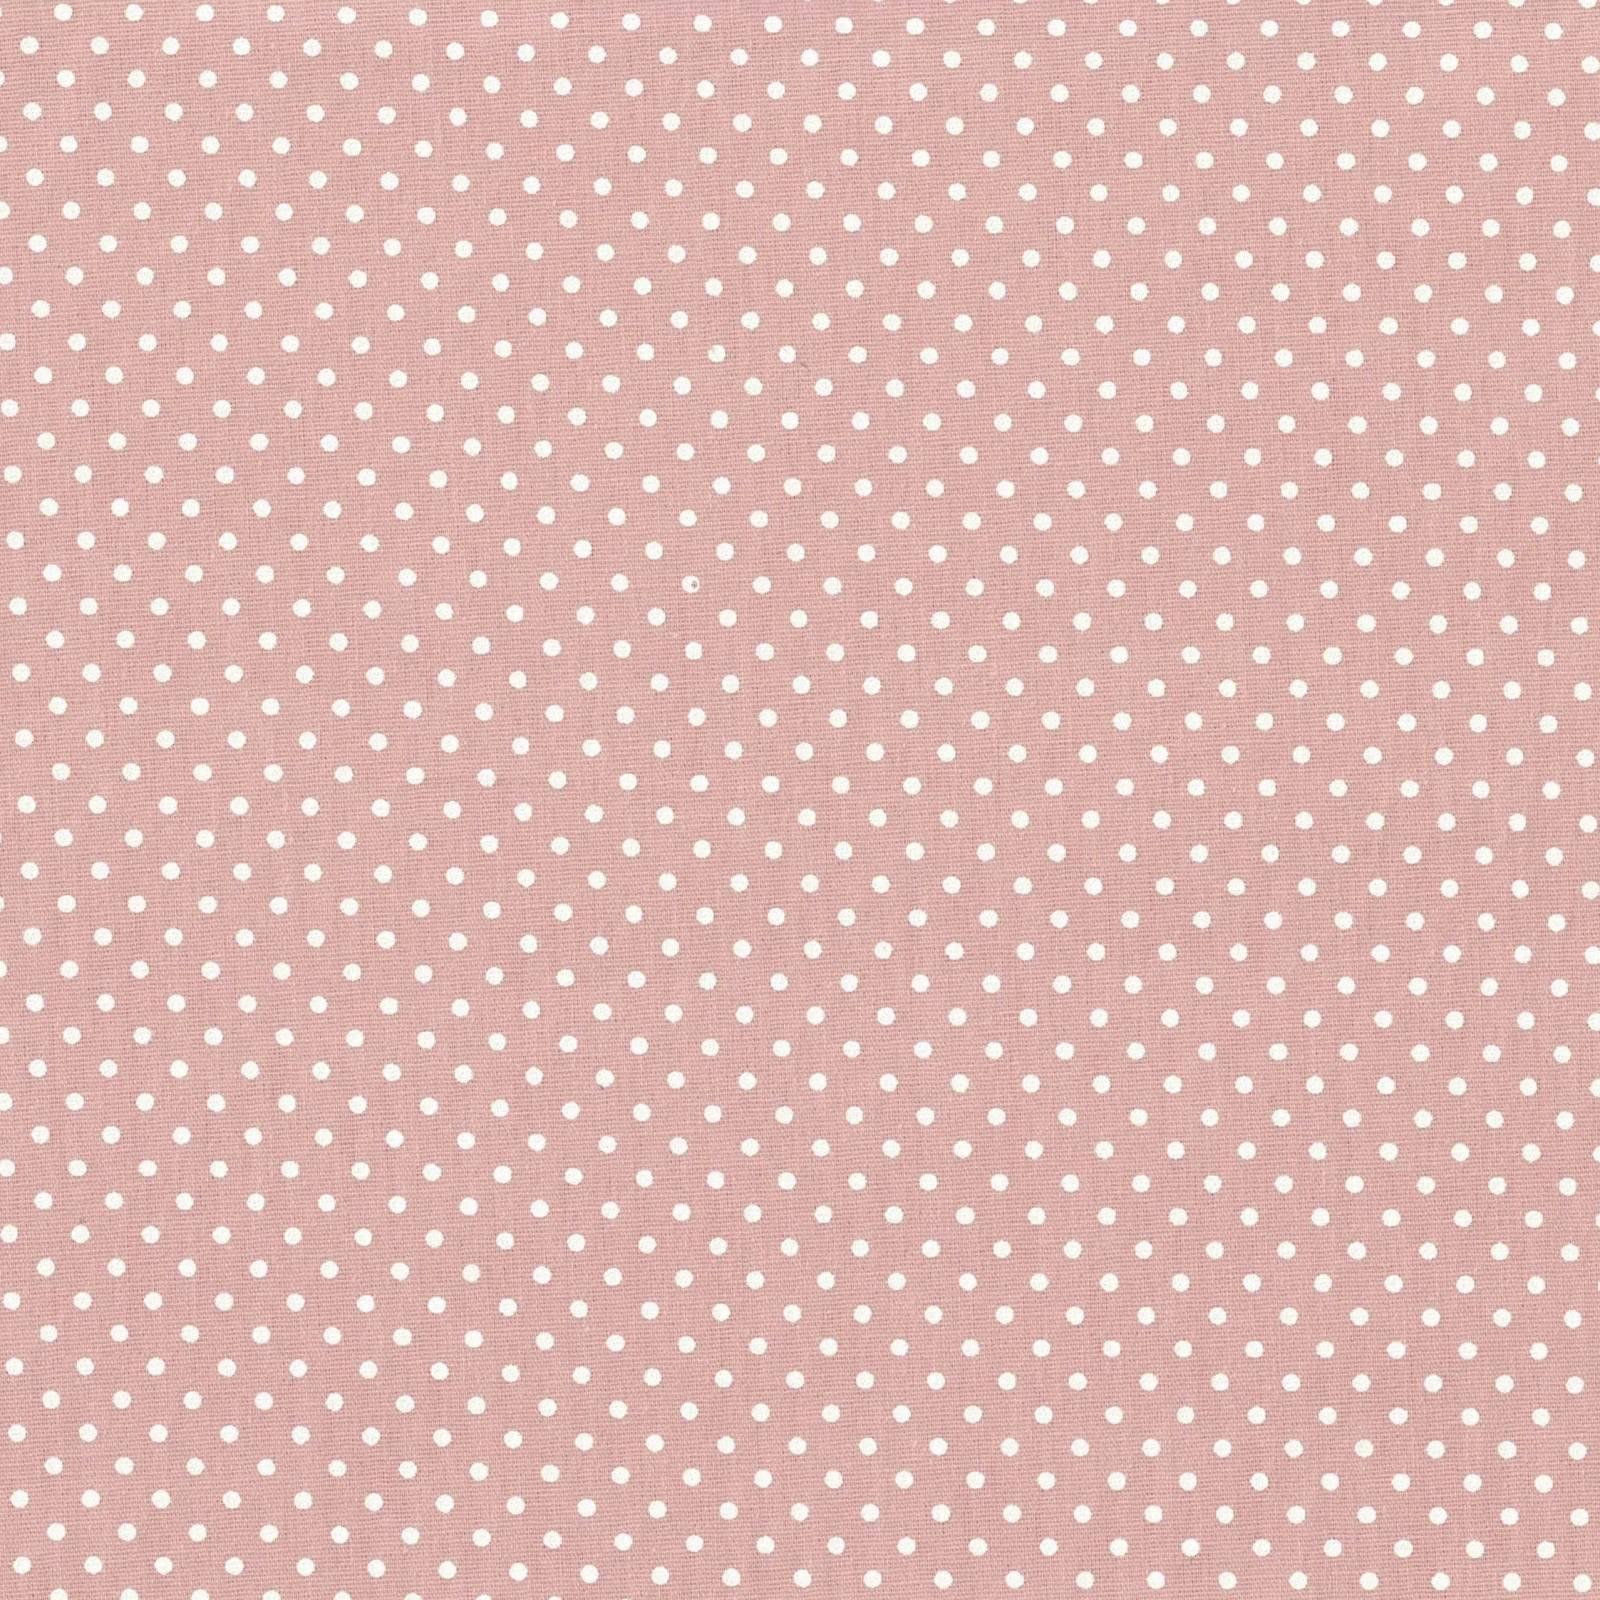 Poá Rosa Antigo Ref.1001 cor 53 Peripan - Armarinhos Nodari